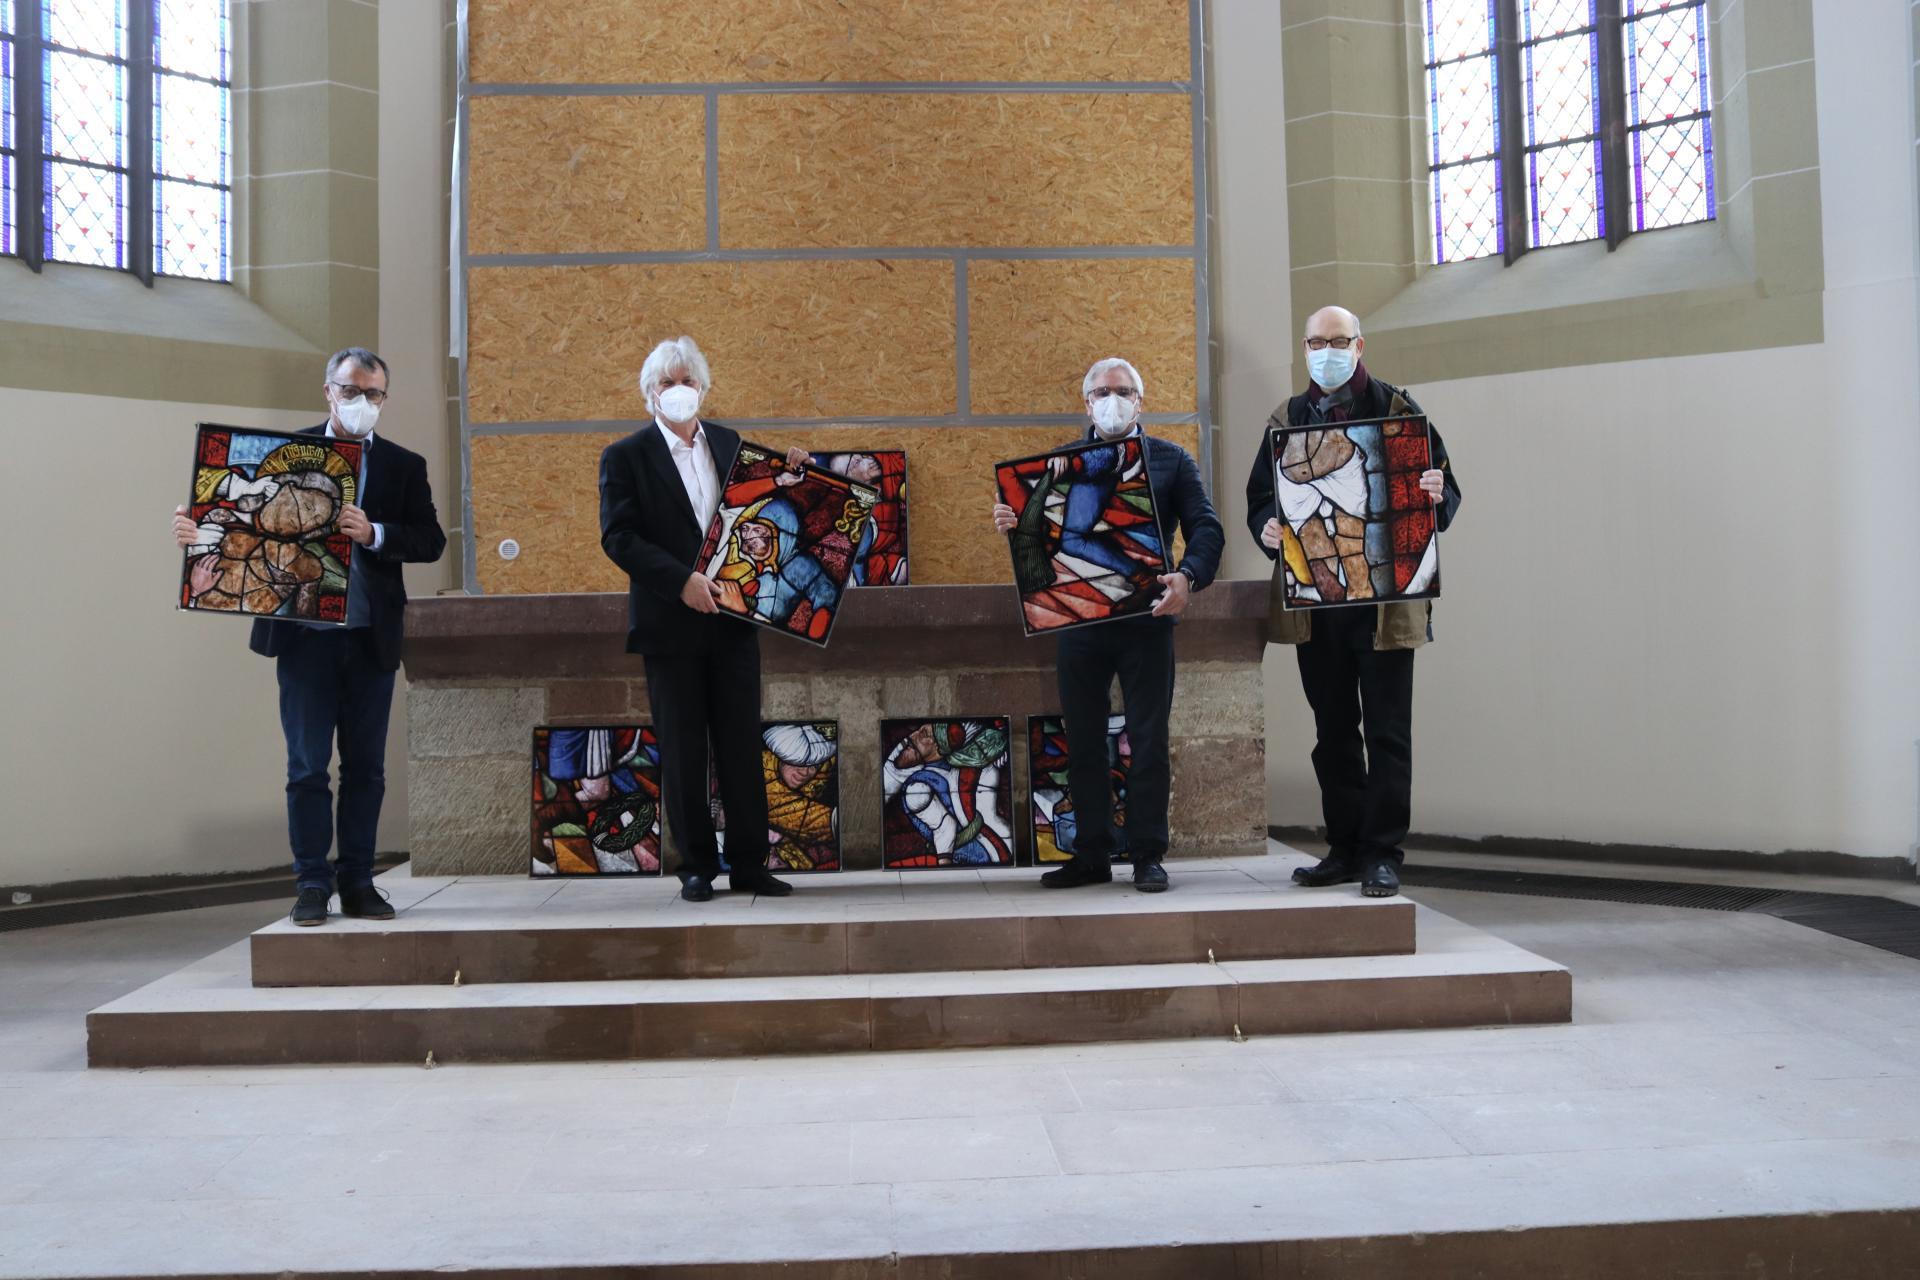 Die Pastoren des Ökumenischen Arbeitskreises Johannes Hilliges, René Lammer, Jan von Lingen und Andreas Pape (v.l.n.r.) Foto: Christian Steigertahl